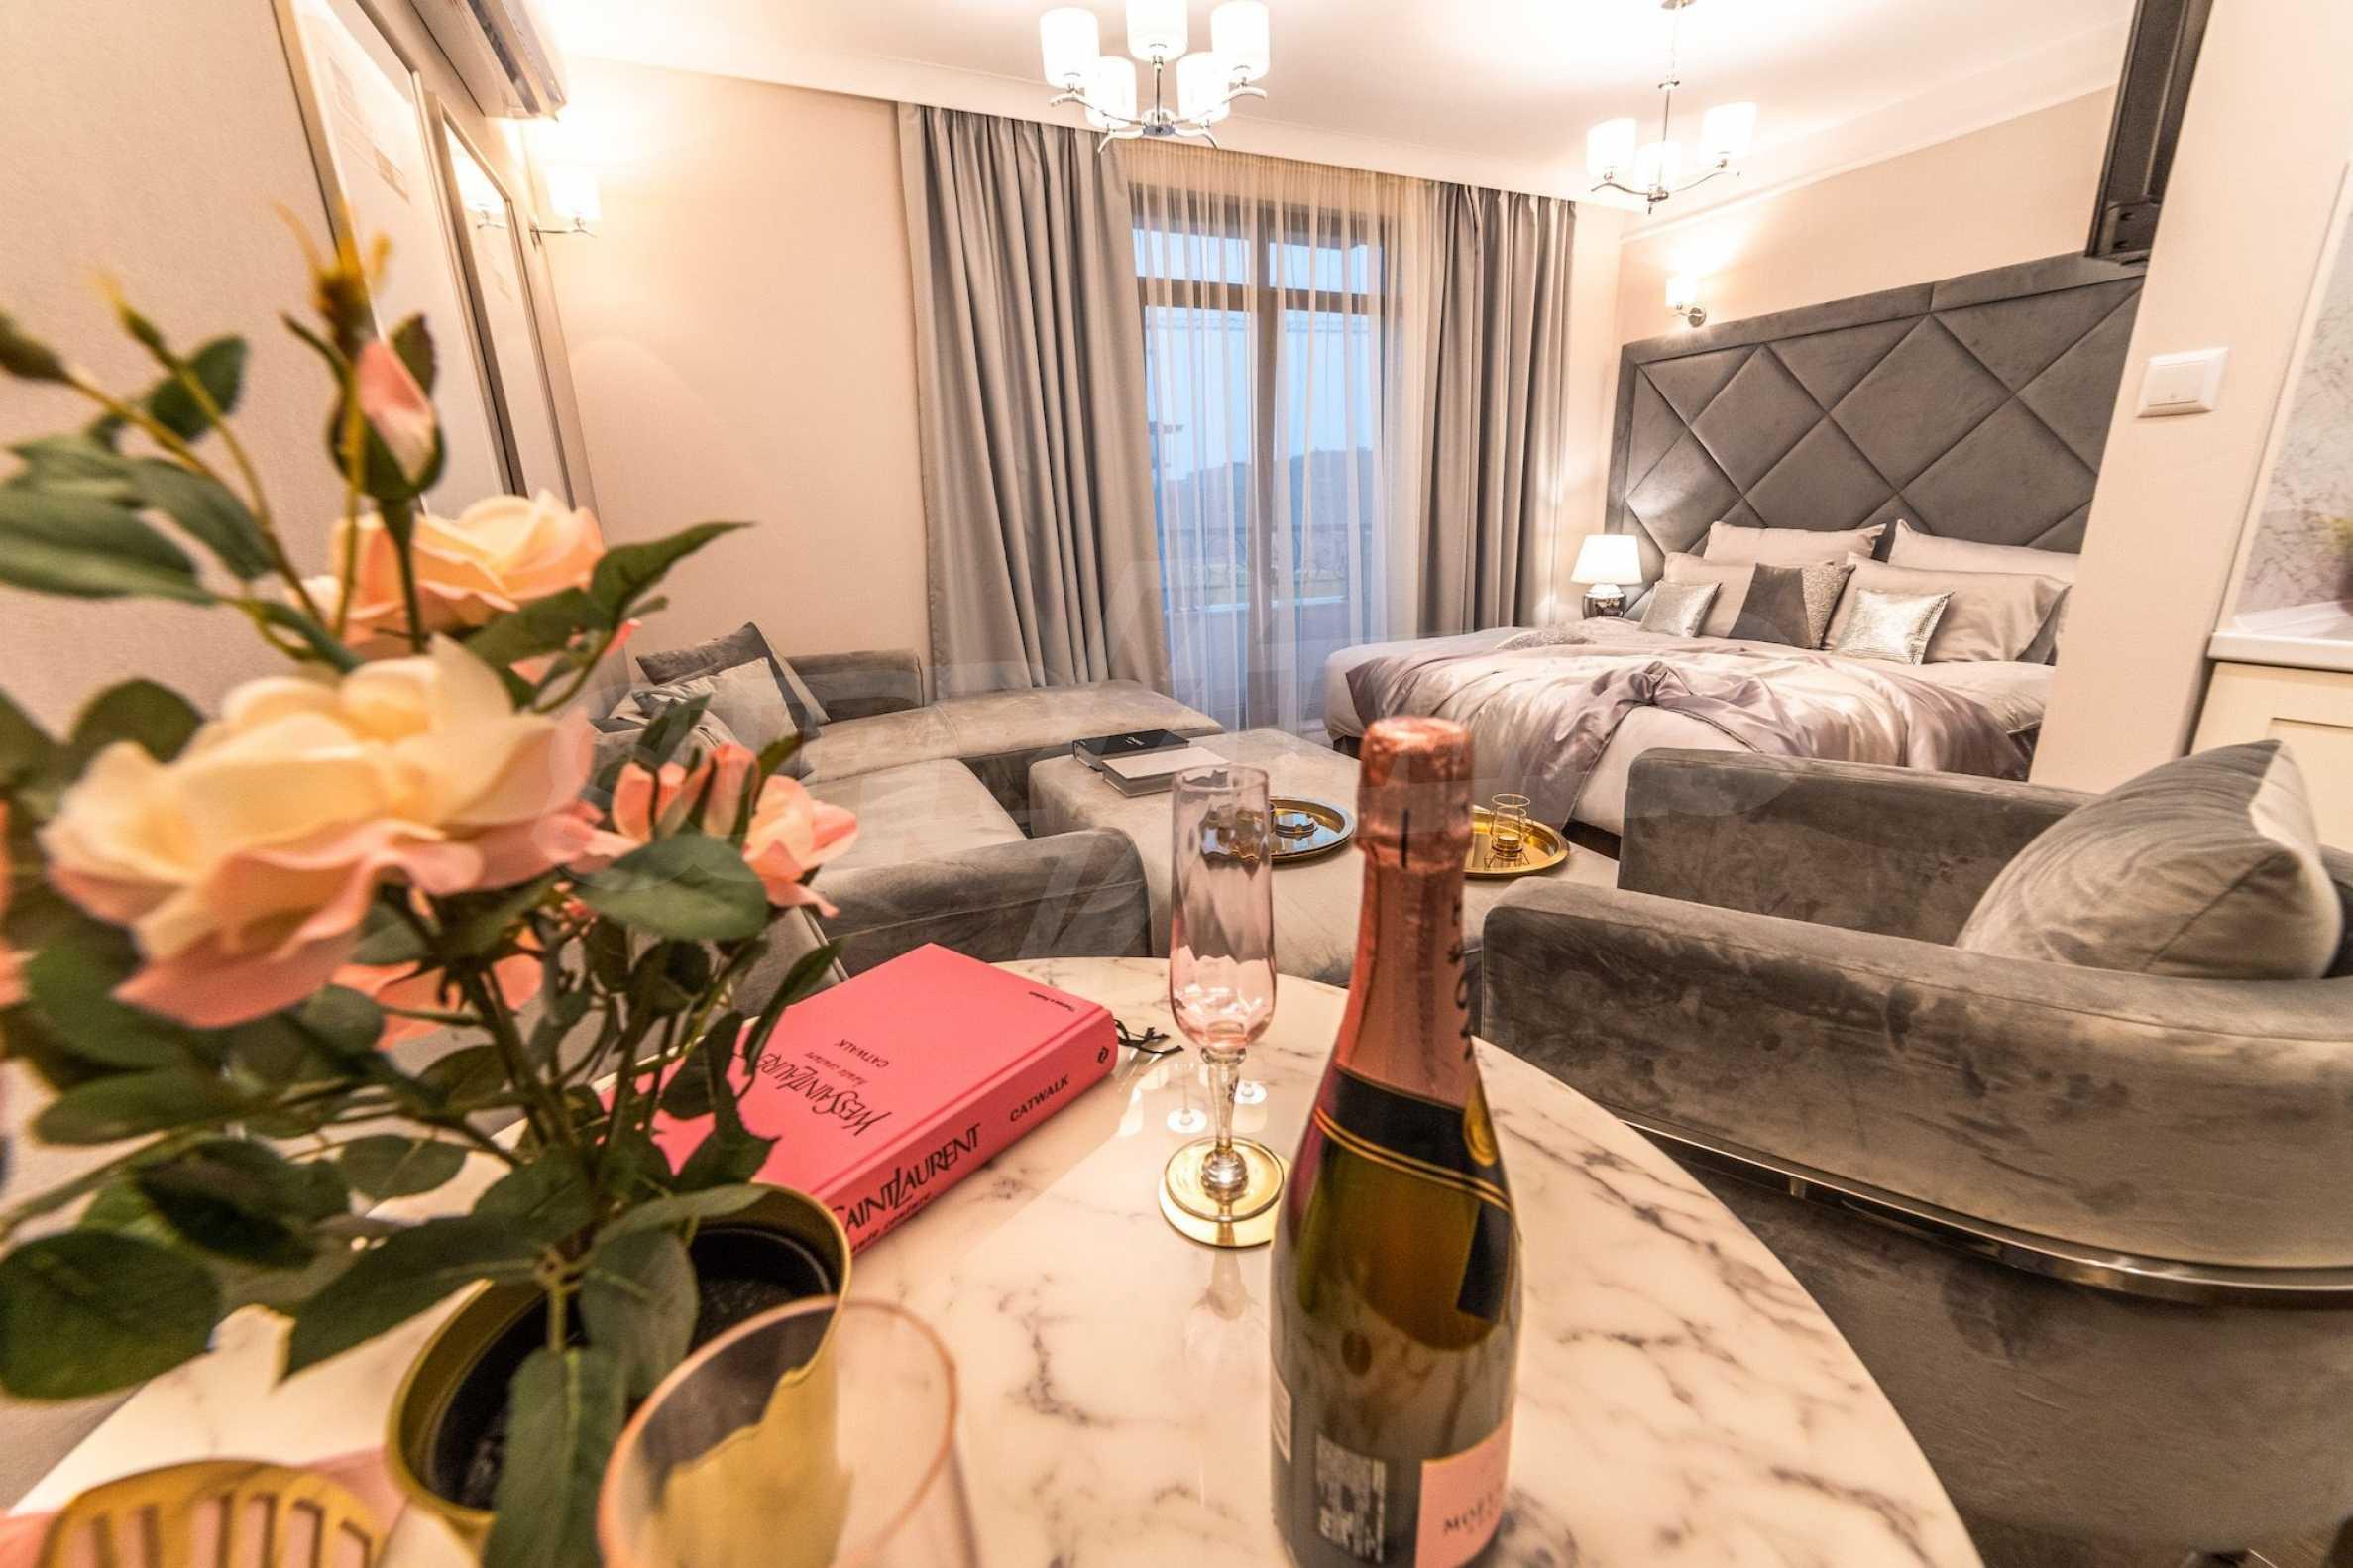 Erstklassige Apartments  zum TOP-Preis ab 890 €/m² im Komplex im Stil der französischen Renaissance (Akt 16) 5